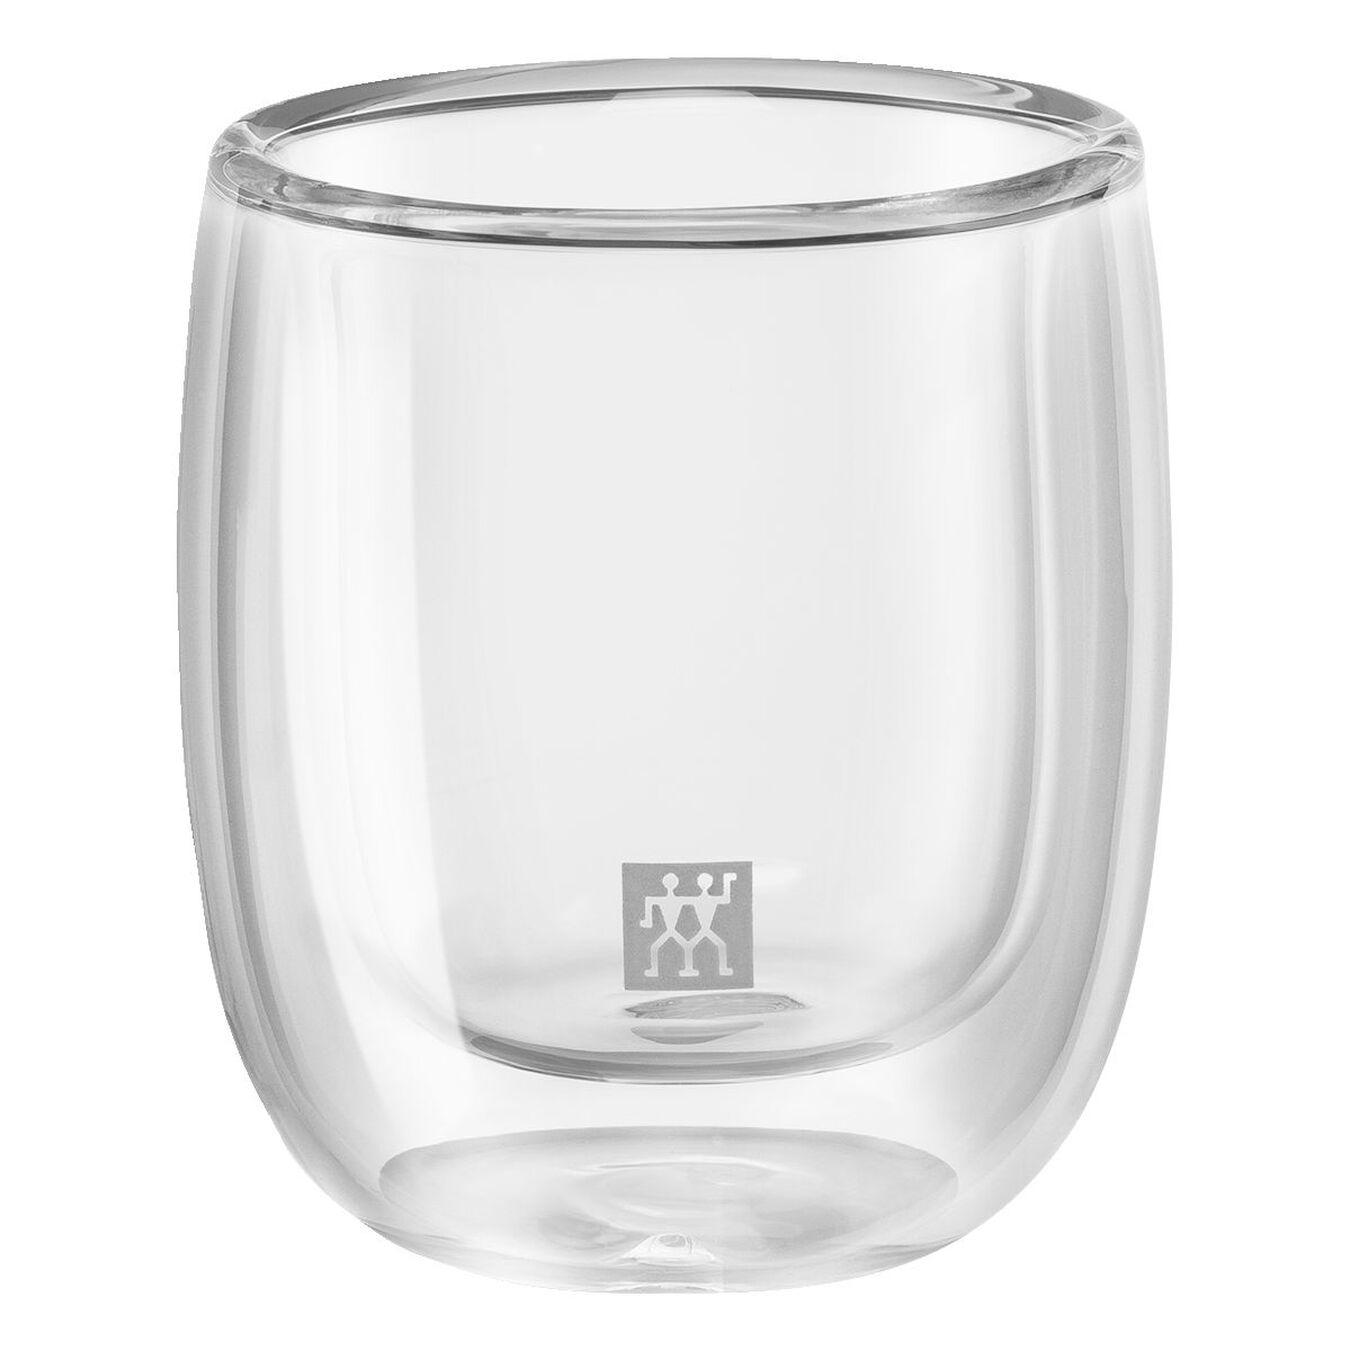 2-pcs Service de verres à expresso,,large 4